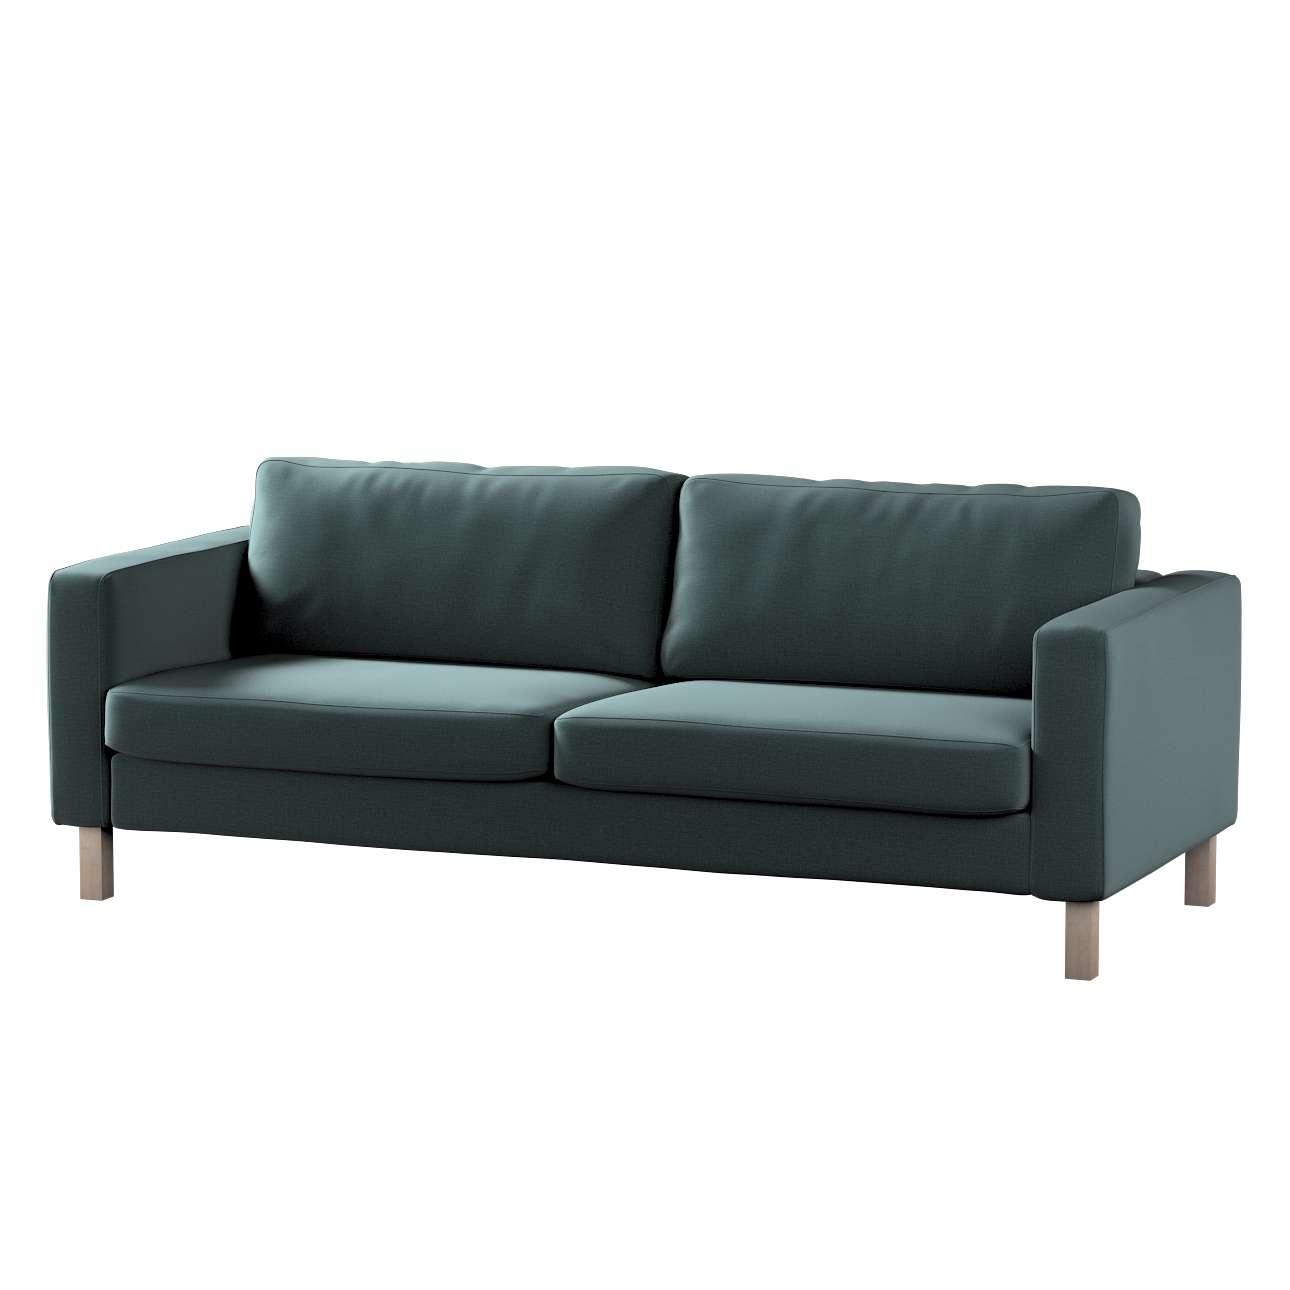 Potah na pohovku IKEA Karlstad, 3-místná, rozkládací v kolekci Ingrid, látka: 705-36